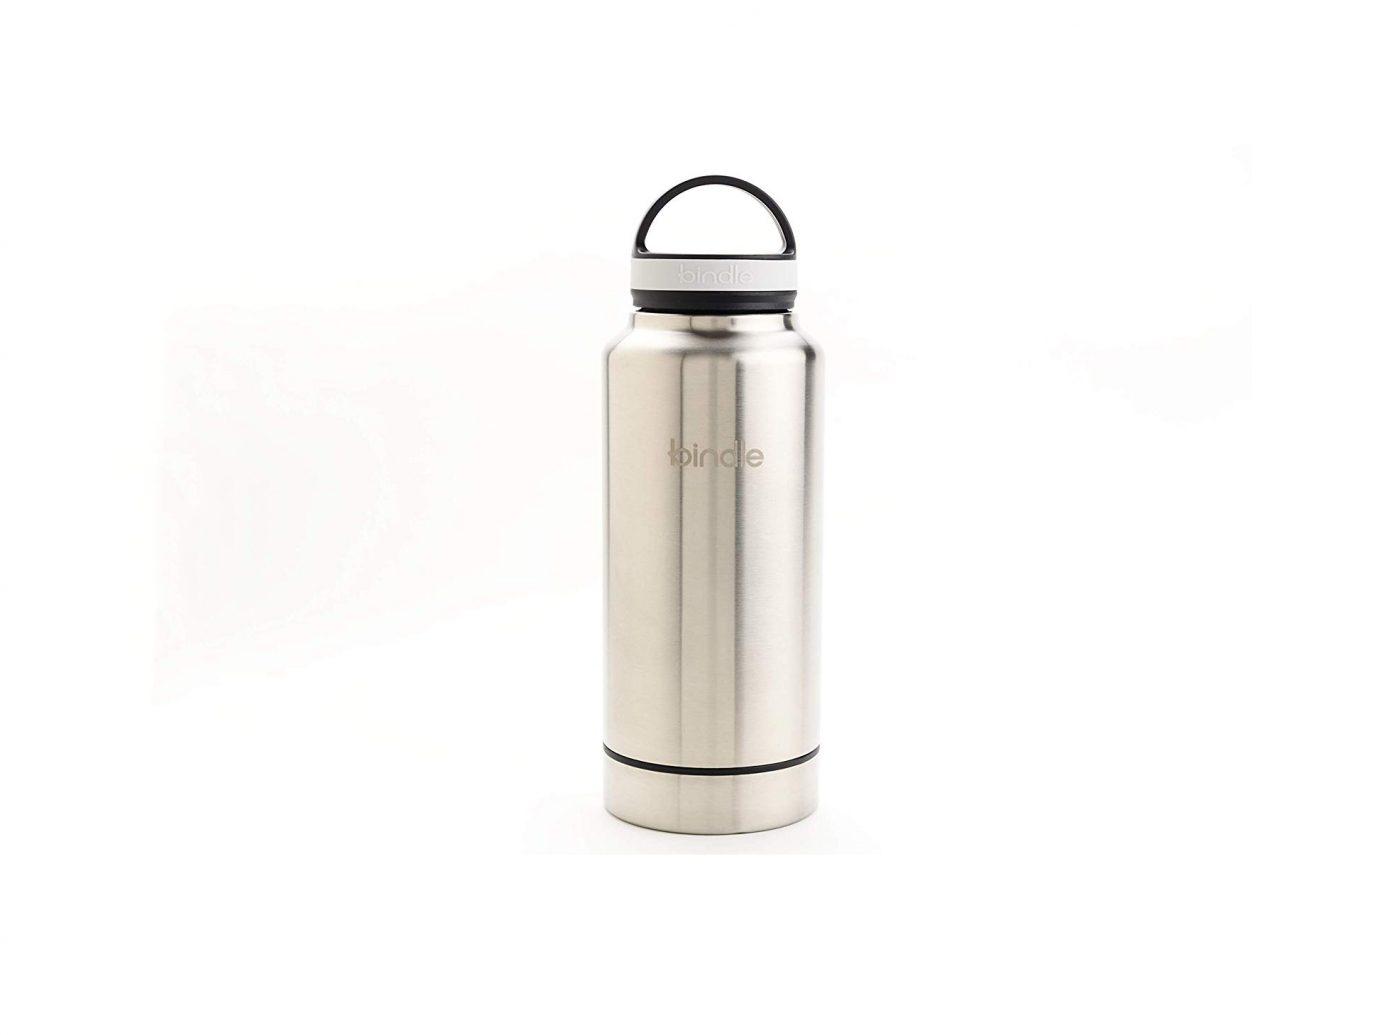 Bindle Bottle